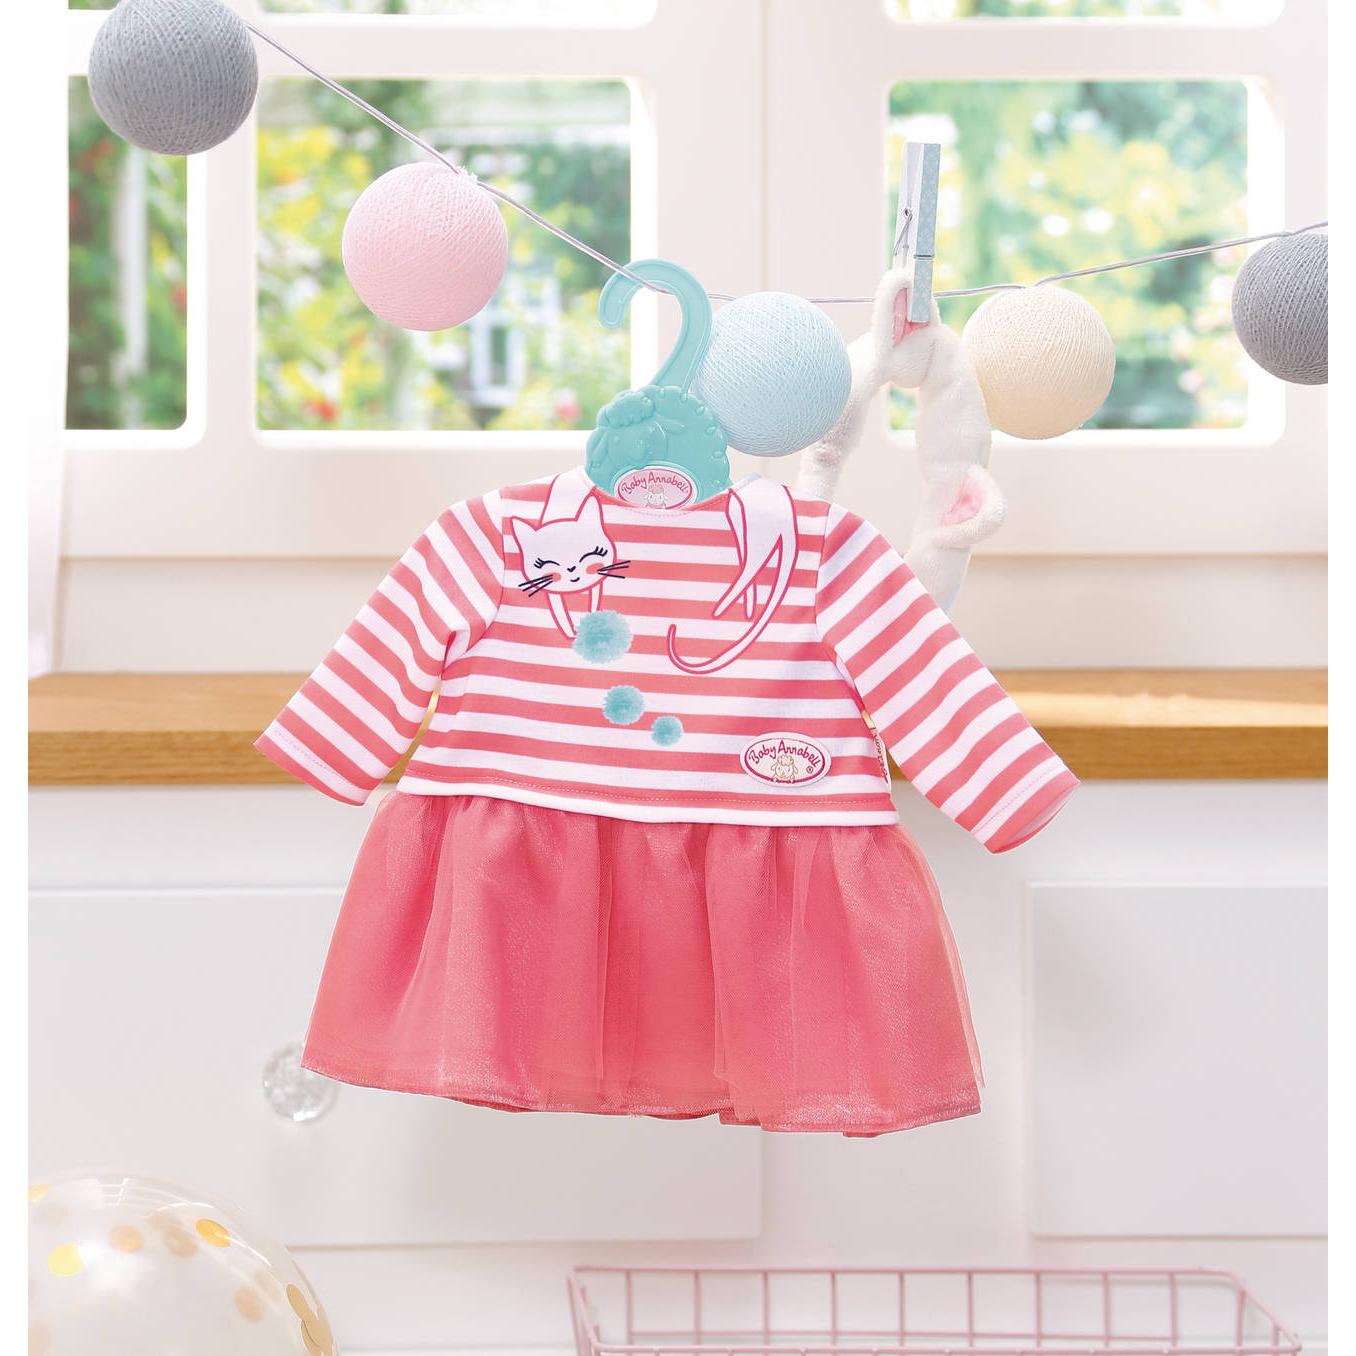 Σετ ρούχων Baby Annabell ξεχωριστή μέρα - Zapf  701454  eeefe72b584